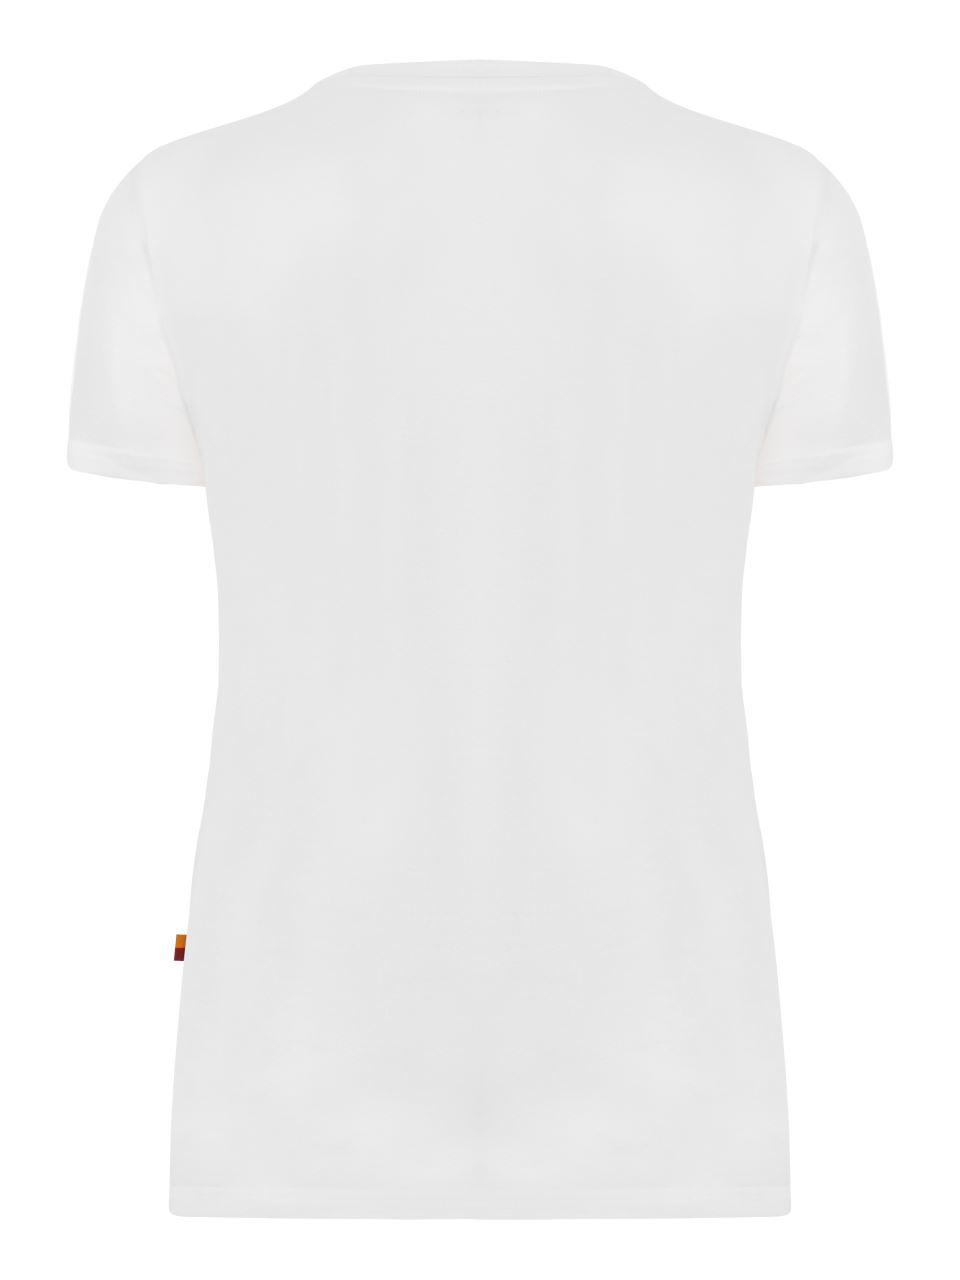 K90110 T-shirt